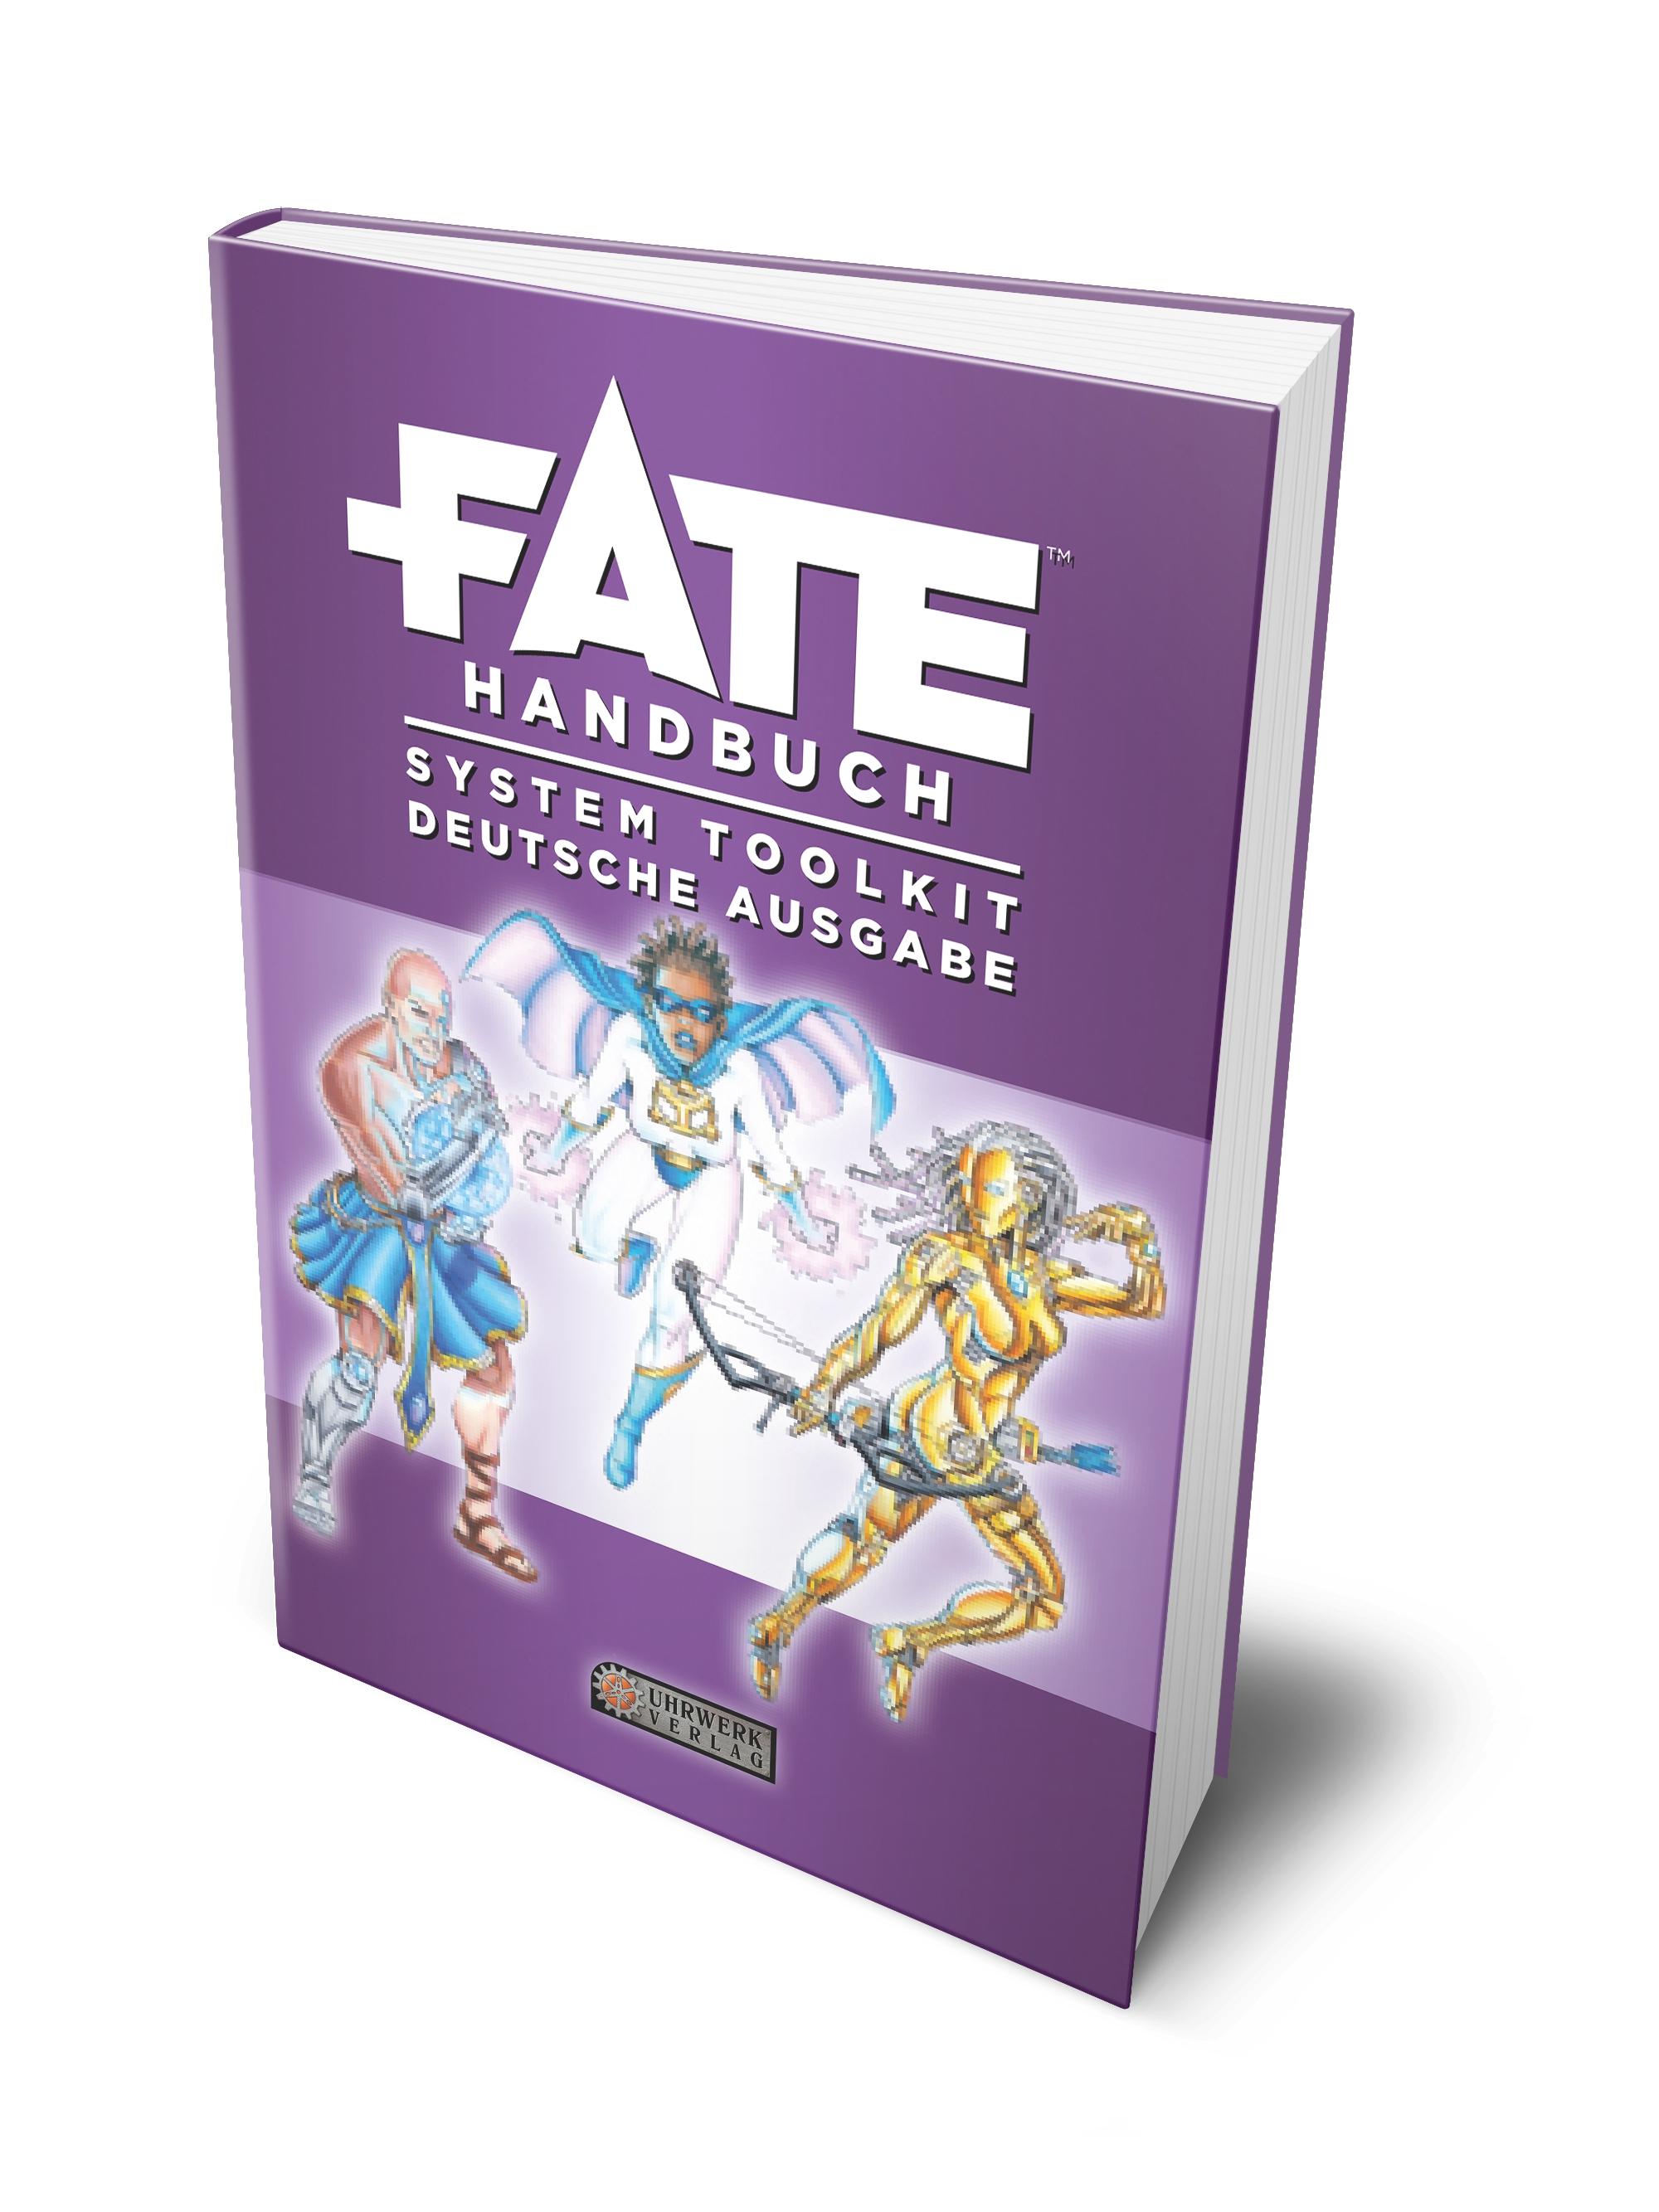 Fate-Handbuch System Toolkit Deutsche Ausgabe